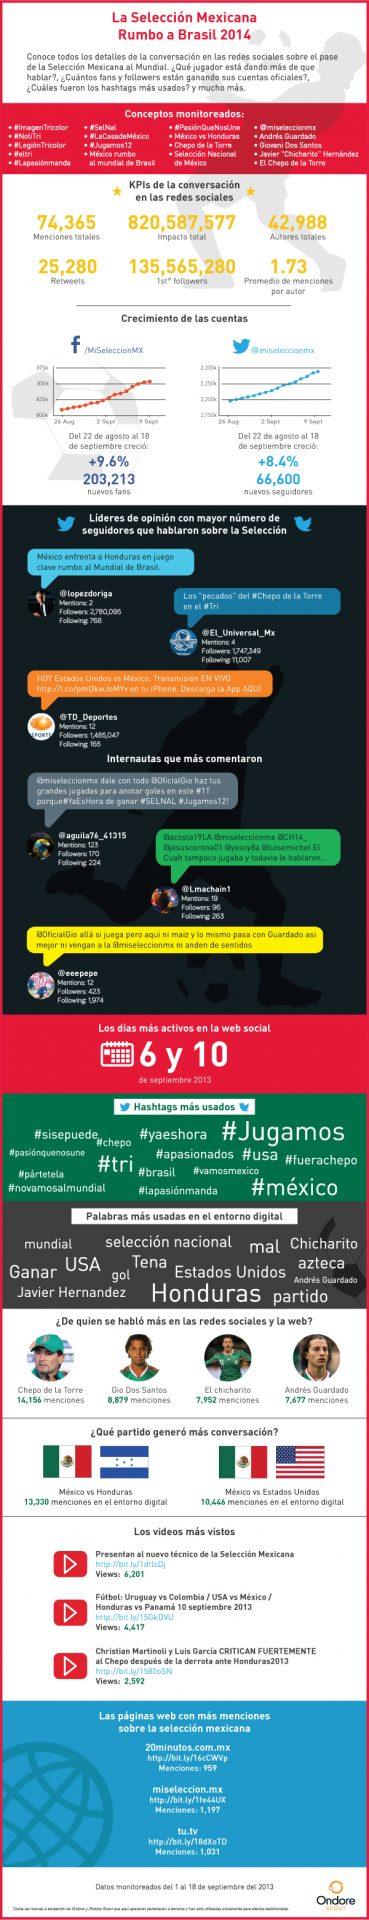 infografia-seleccion-mexicana-9